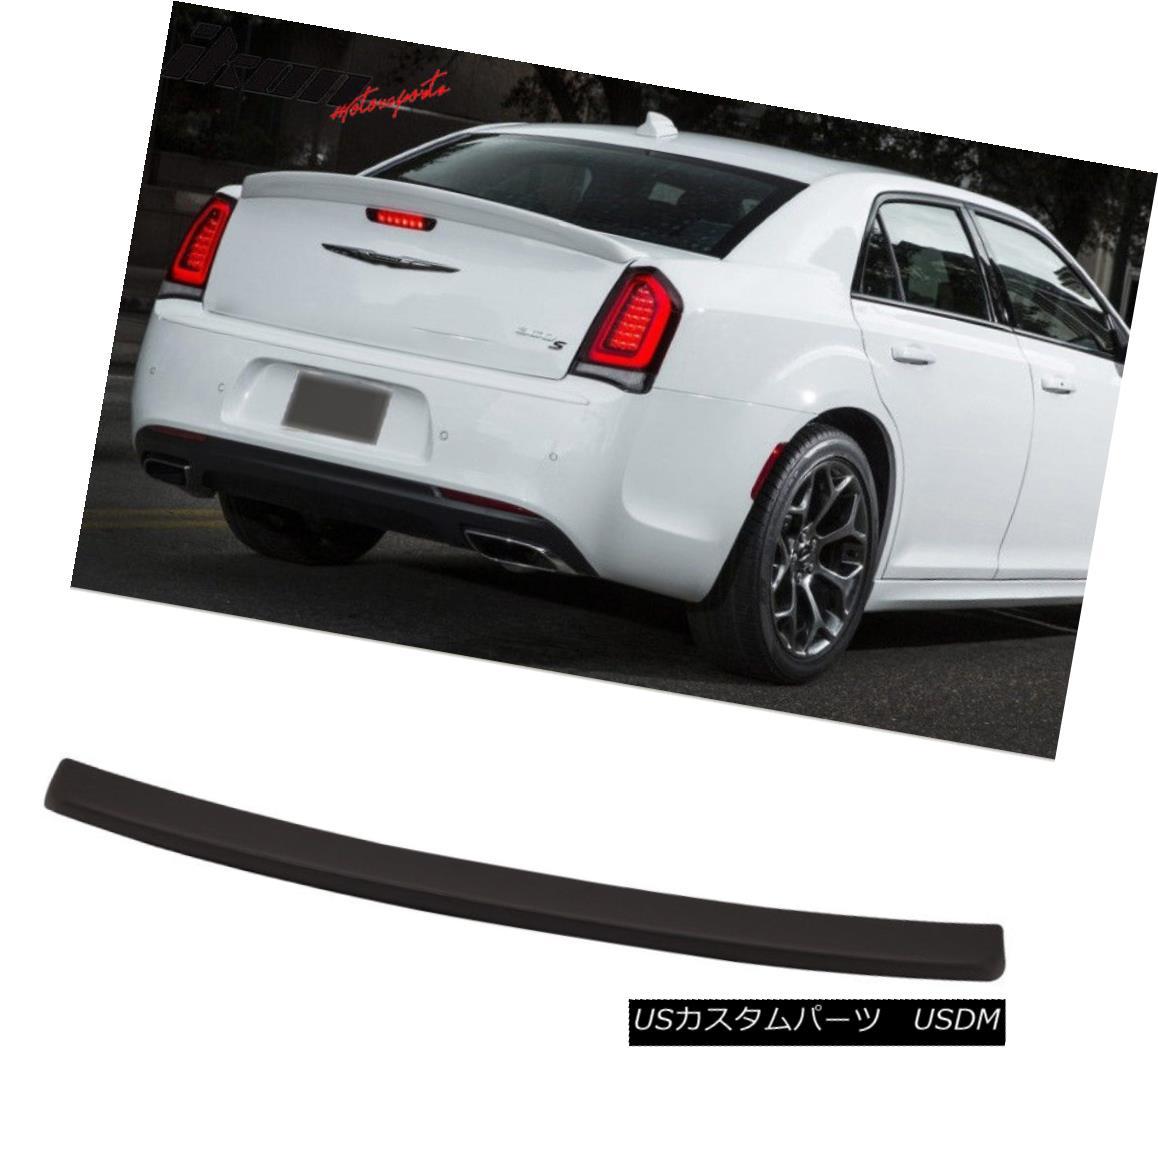 エアロパーツ Fits 15-18 Chrysler 300 SRT Style Trunk Spoiler Matte Black ABS Plastics フィット15-18クライスラー300 SRTスタイルのトランクスポイラーマットブラックABS樹脂